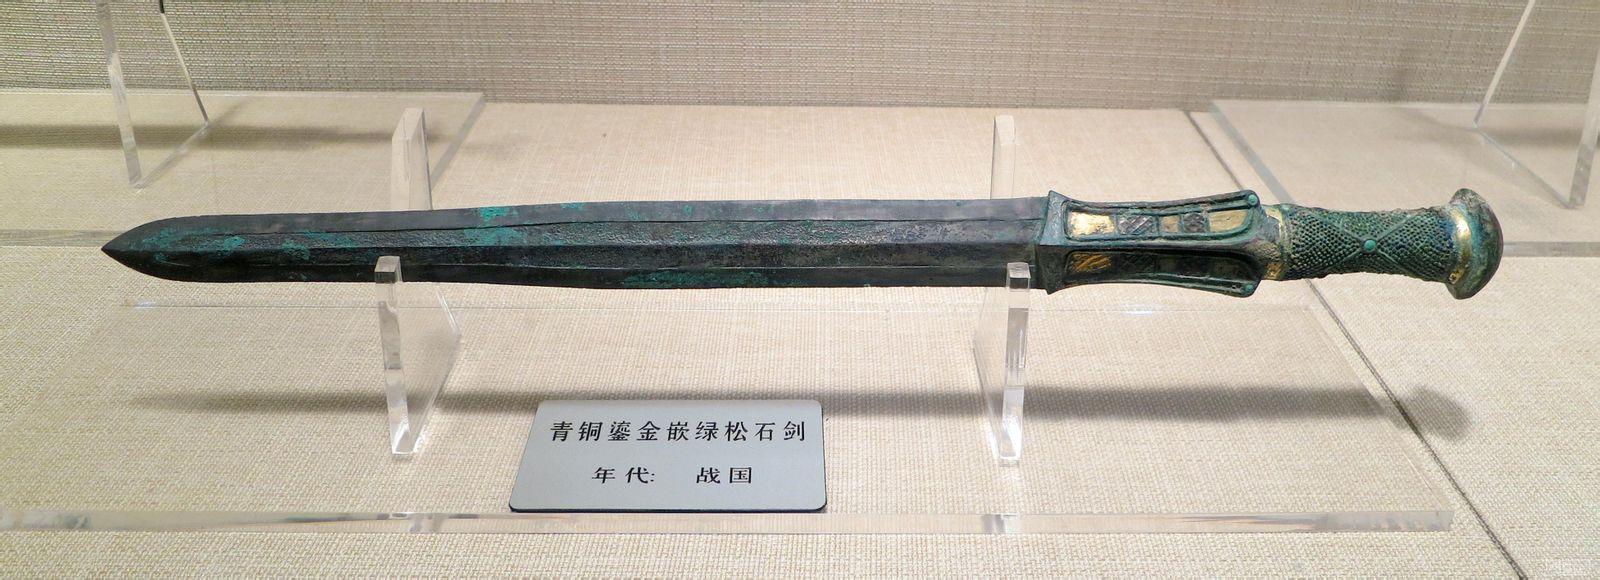 剑_【寻剑之旅】那些现存于世的旷世神剑